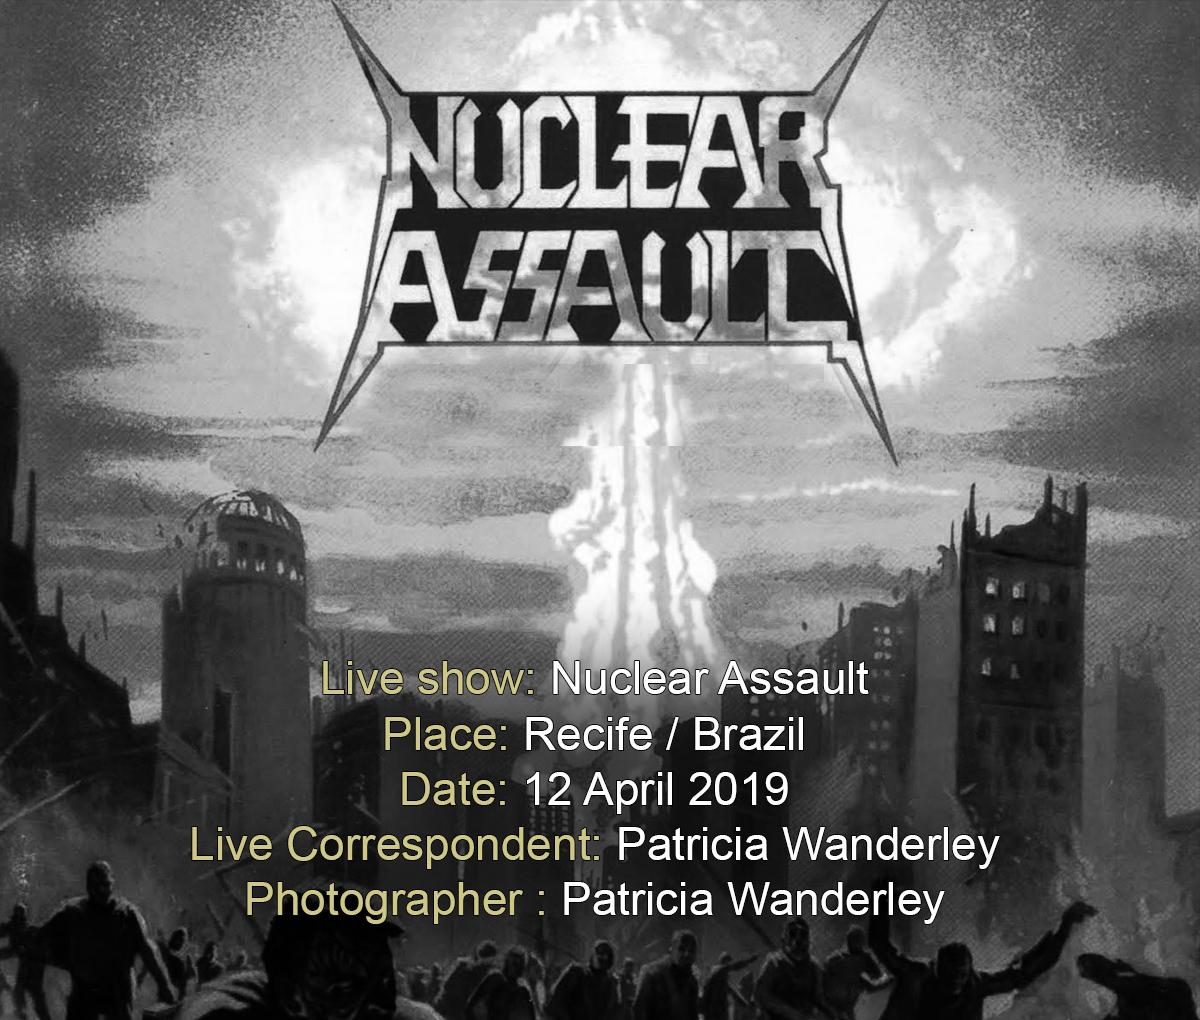 Nuclear Assault (12/04/2019, Recife / Brazil)